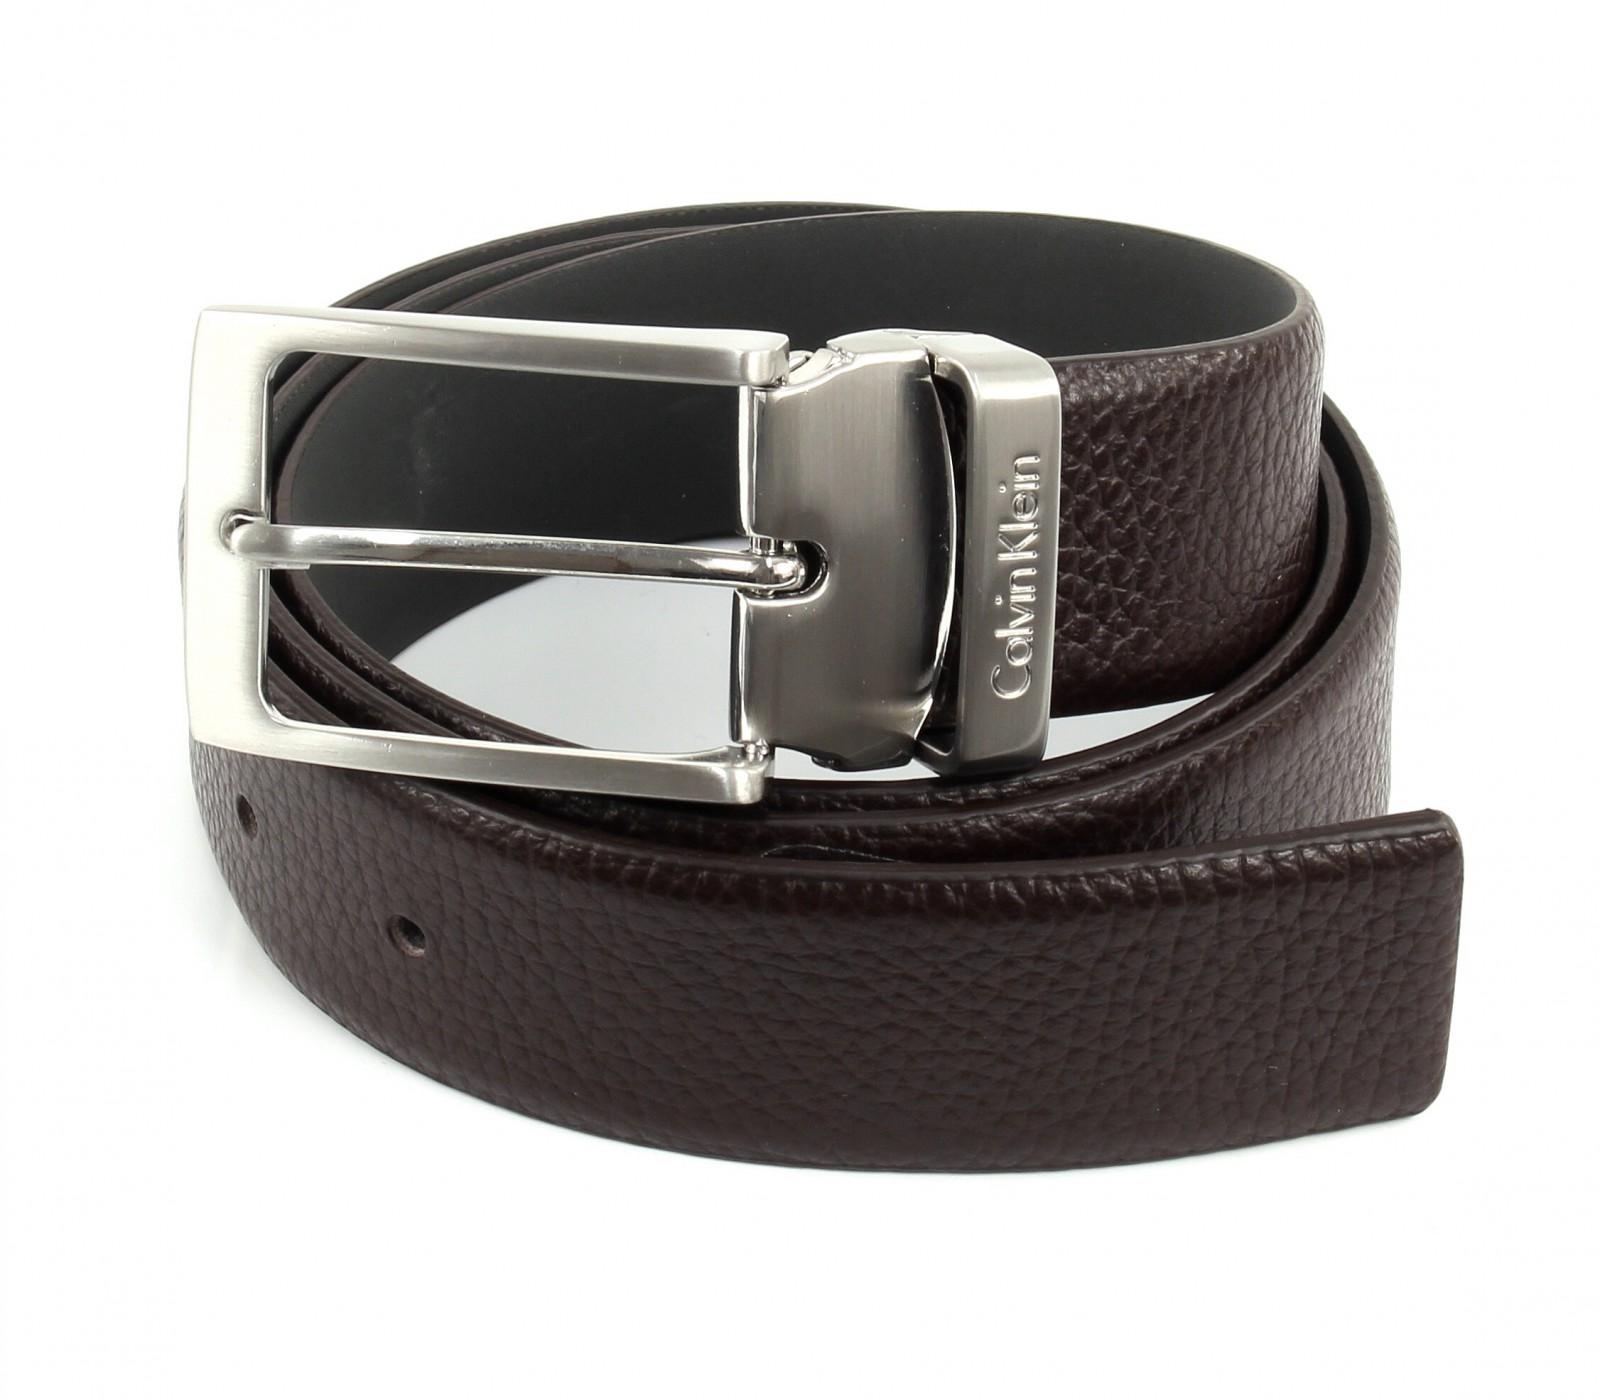 Calvin Klein Stand Alone Adjustable Pebble Belt W105 Dark Brown